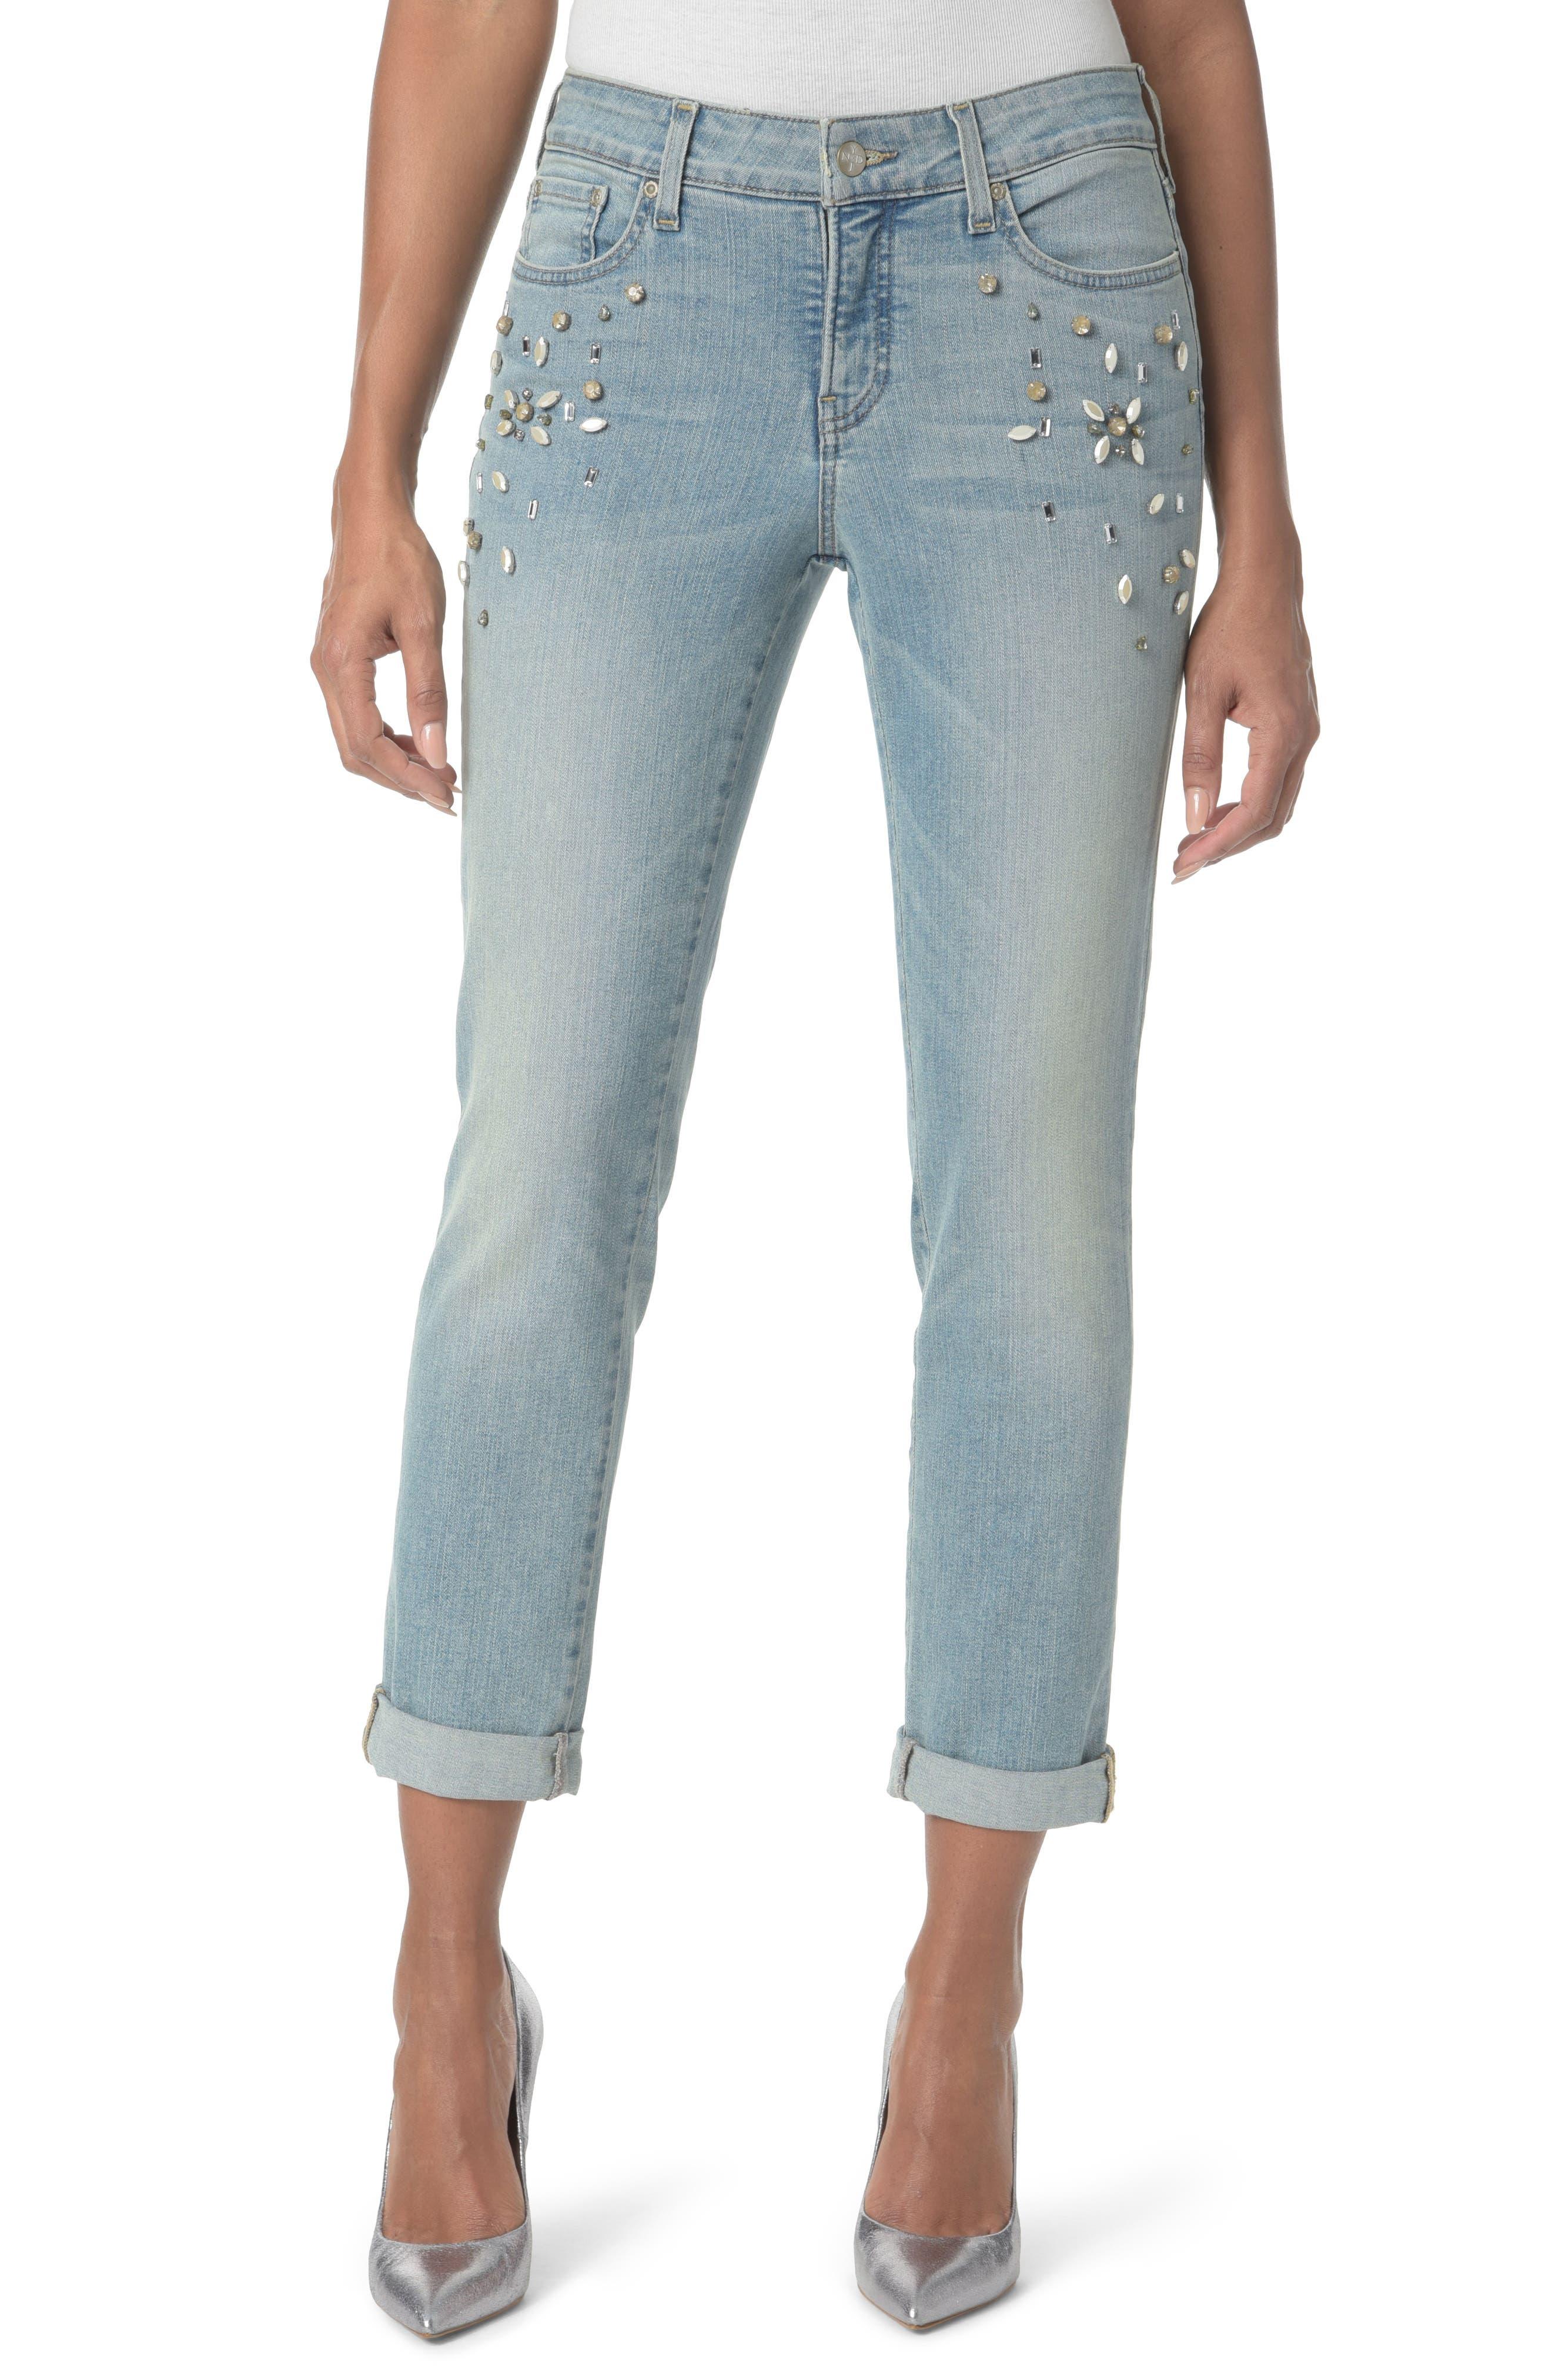 Alternate Image 1 Selected - NYDJ Embellished Boyfriend Jeans (Westland)